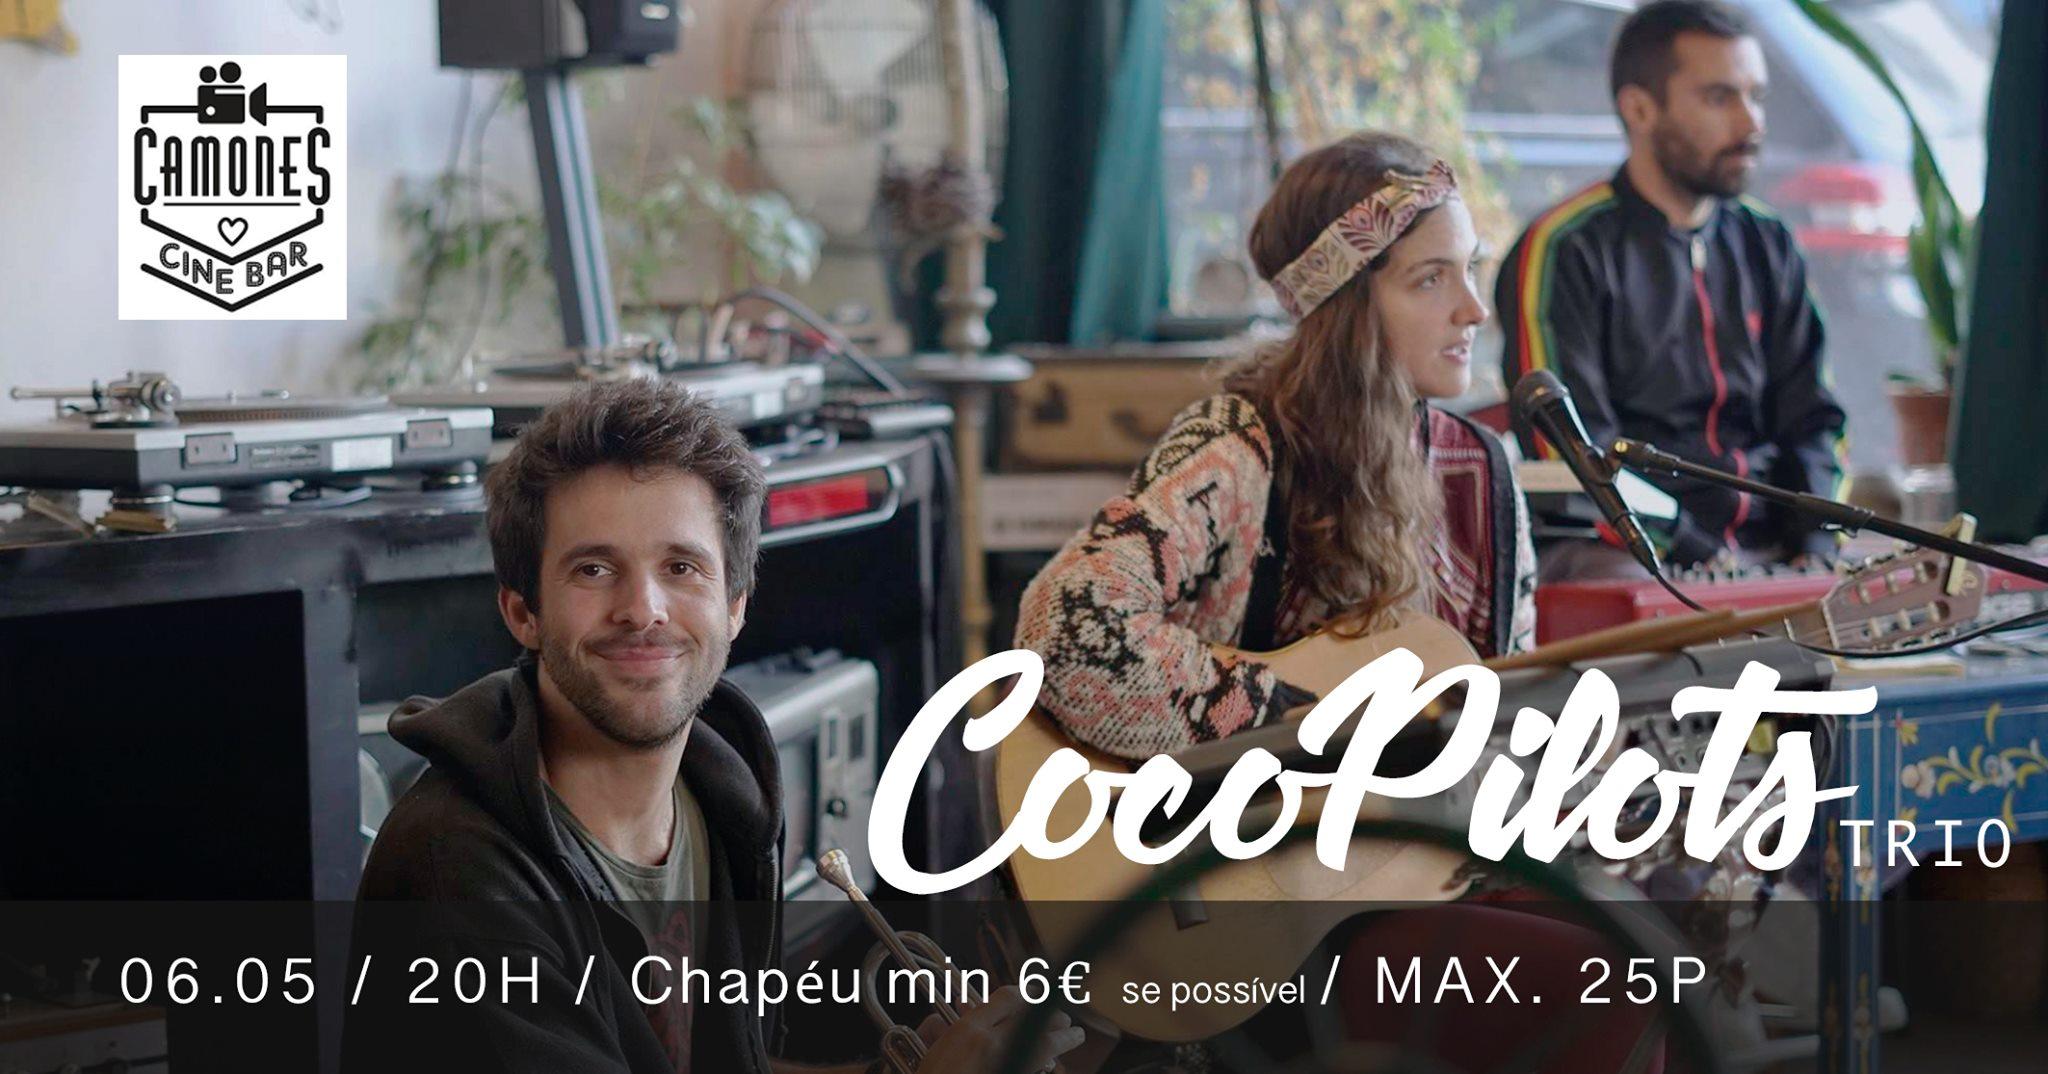 CocoPilots trio no Camones Cinebar